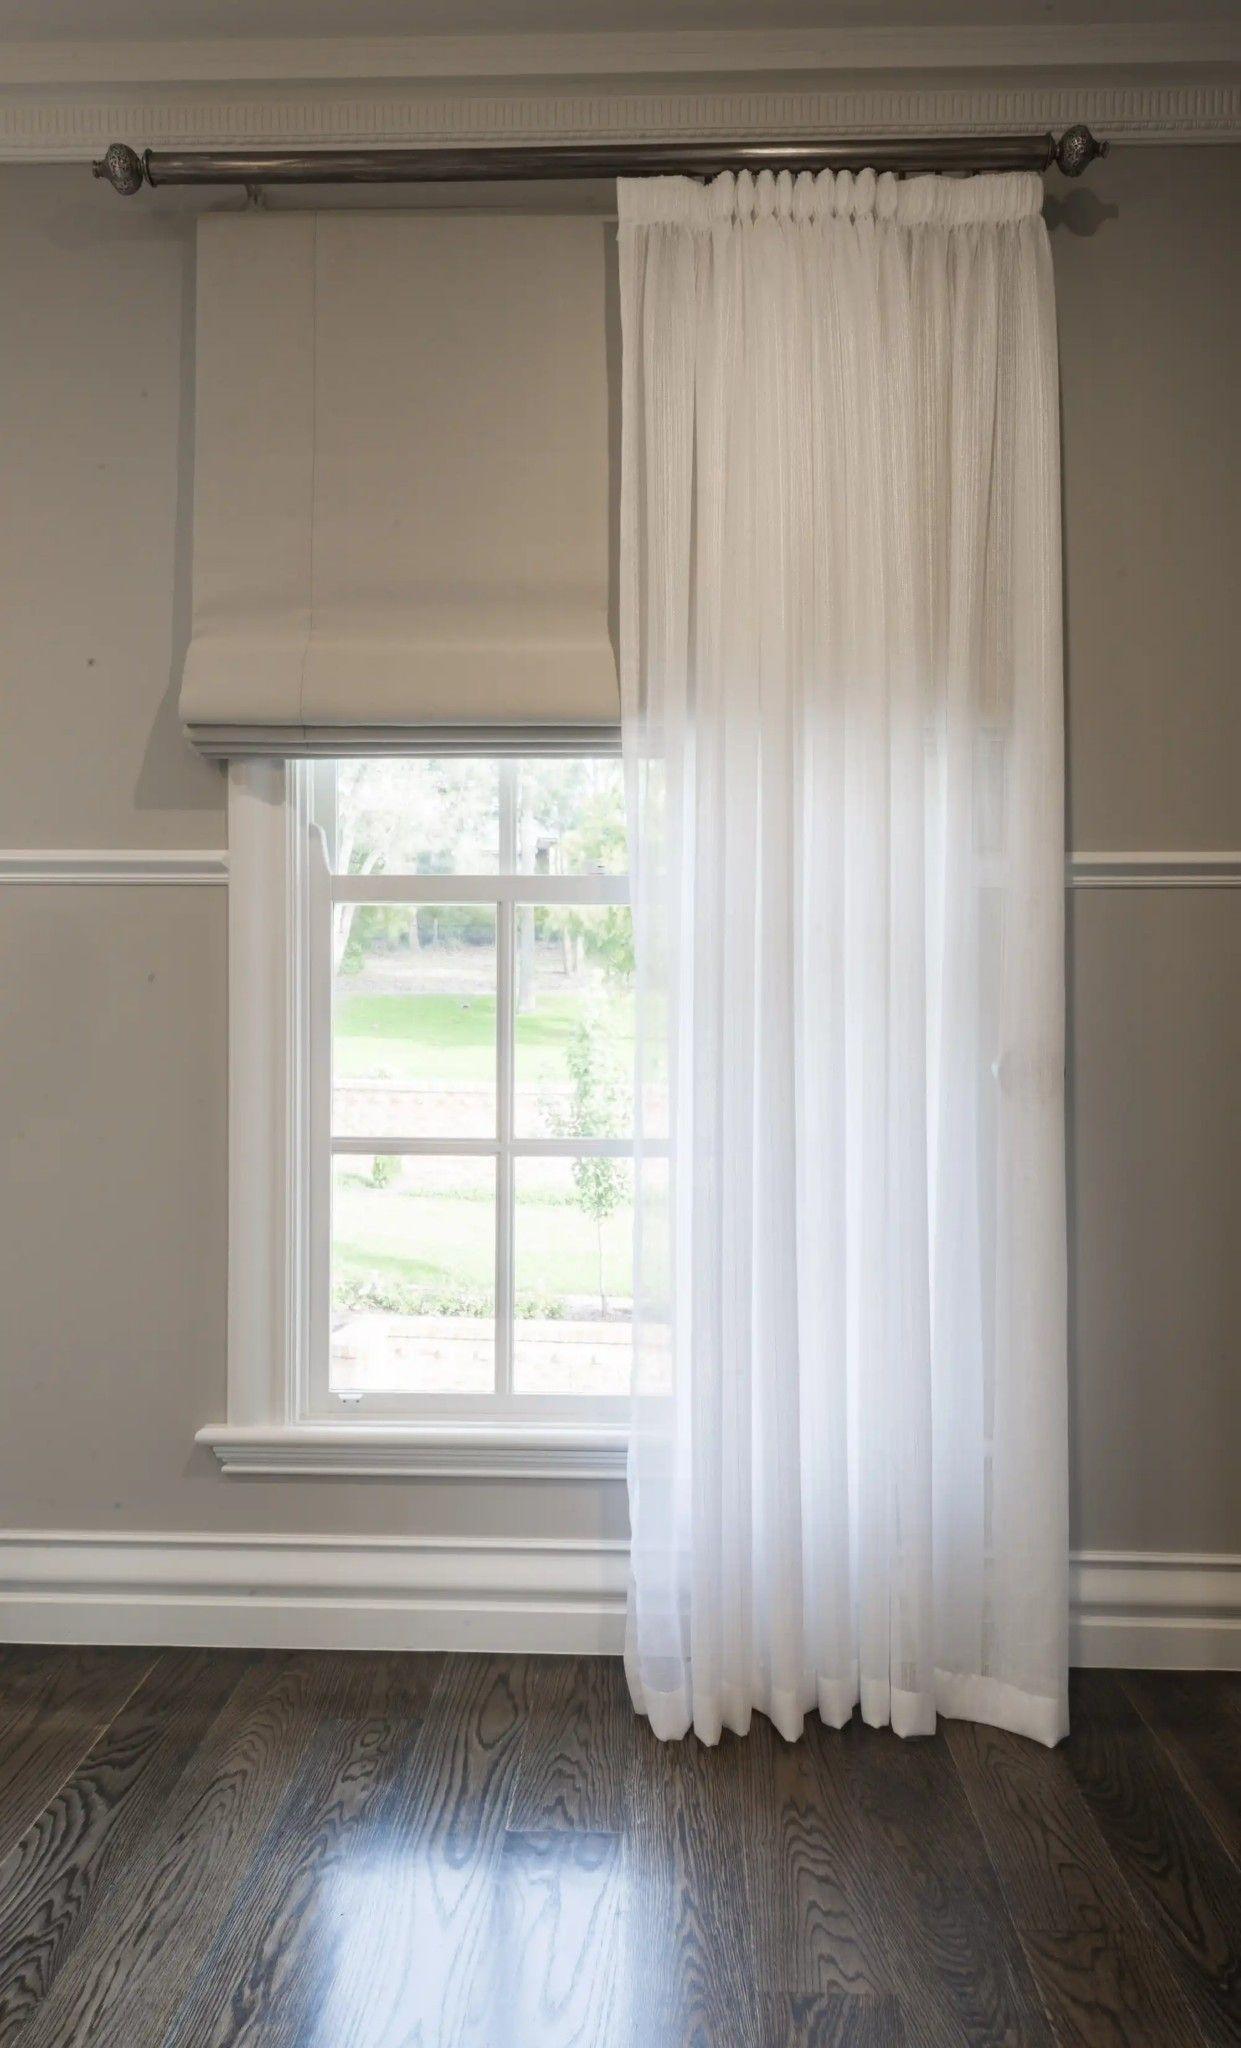 Einfaches hausfensterdesign curtainsinterior  fenster in   curtains blinds und curtains